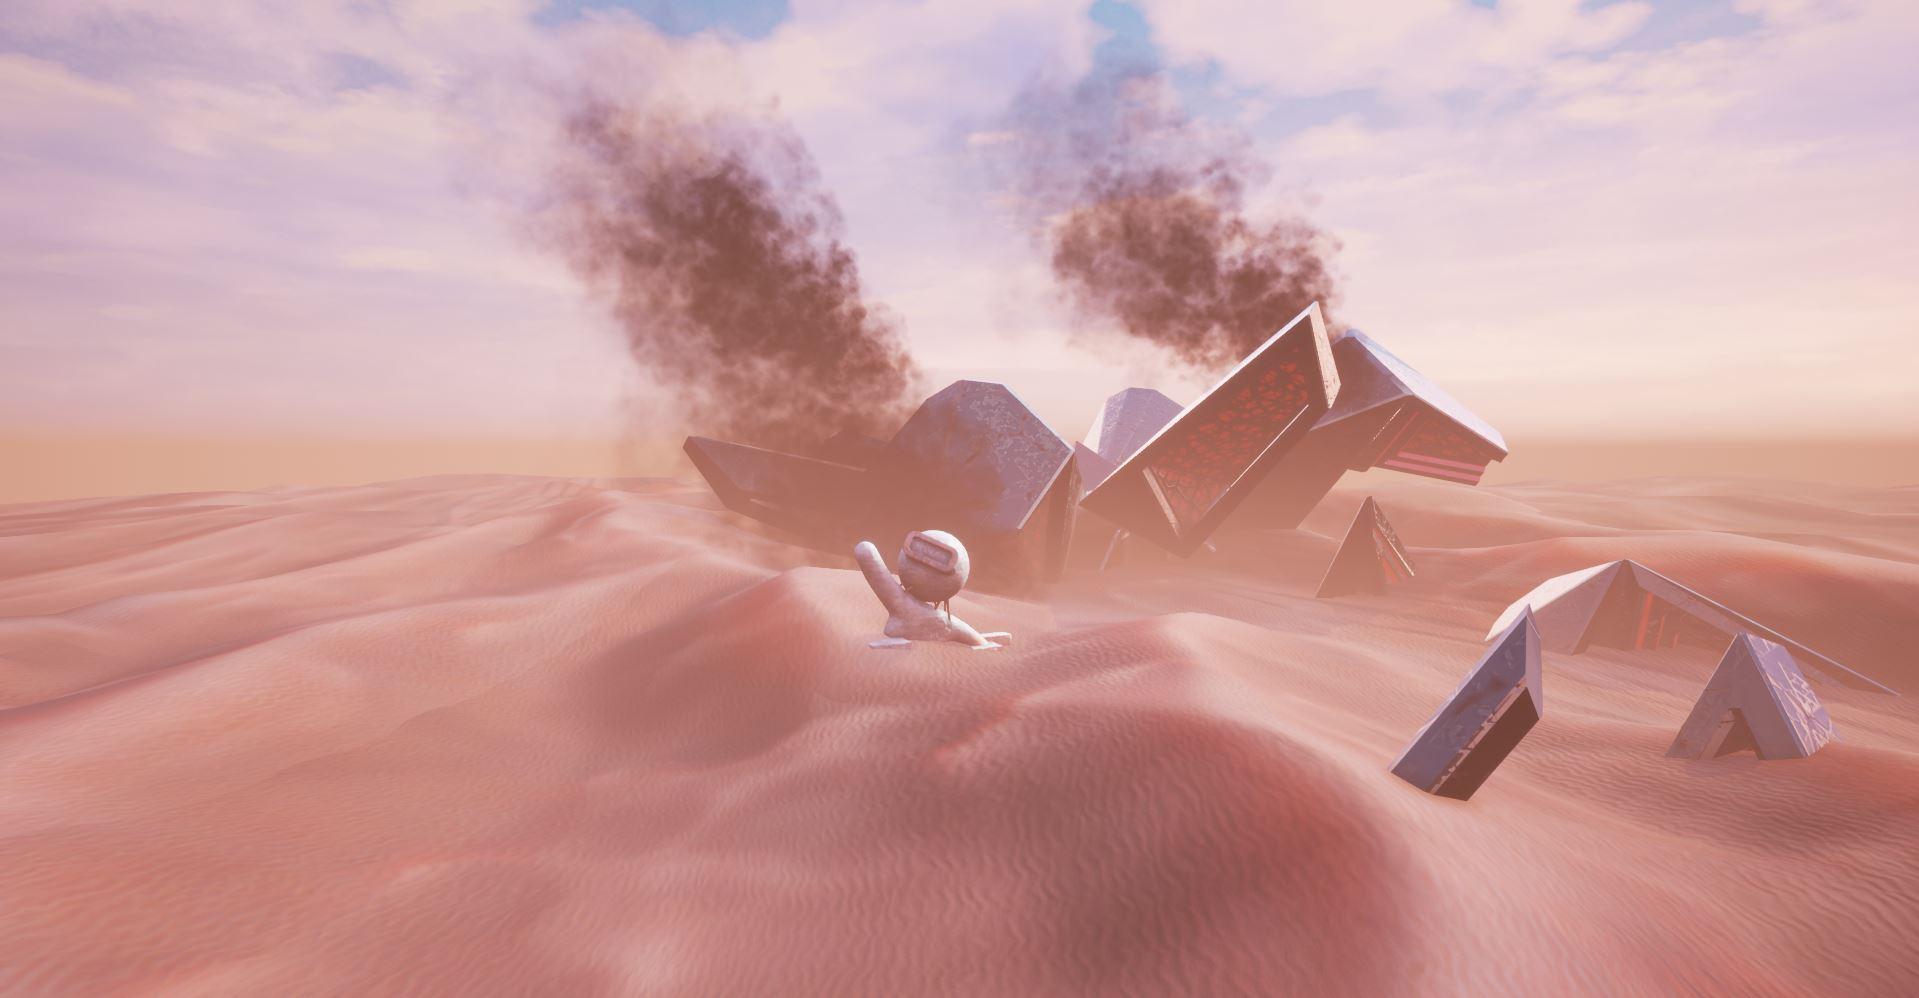 Easter egg du studio de développement Virtual Room mission 2 lobby